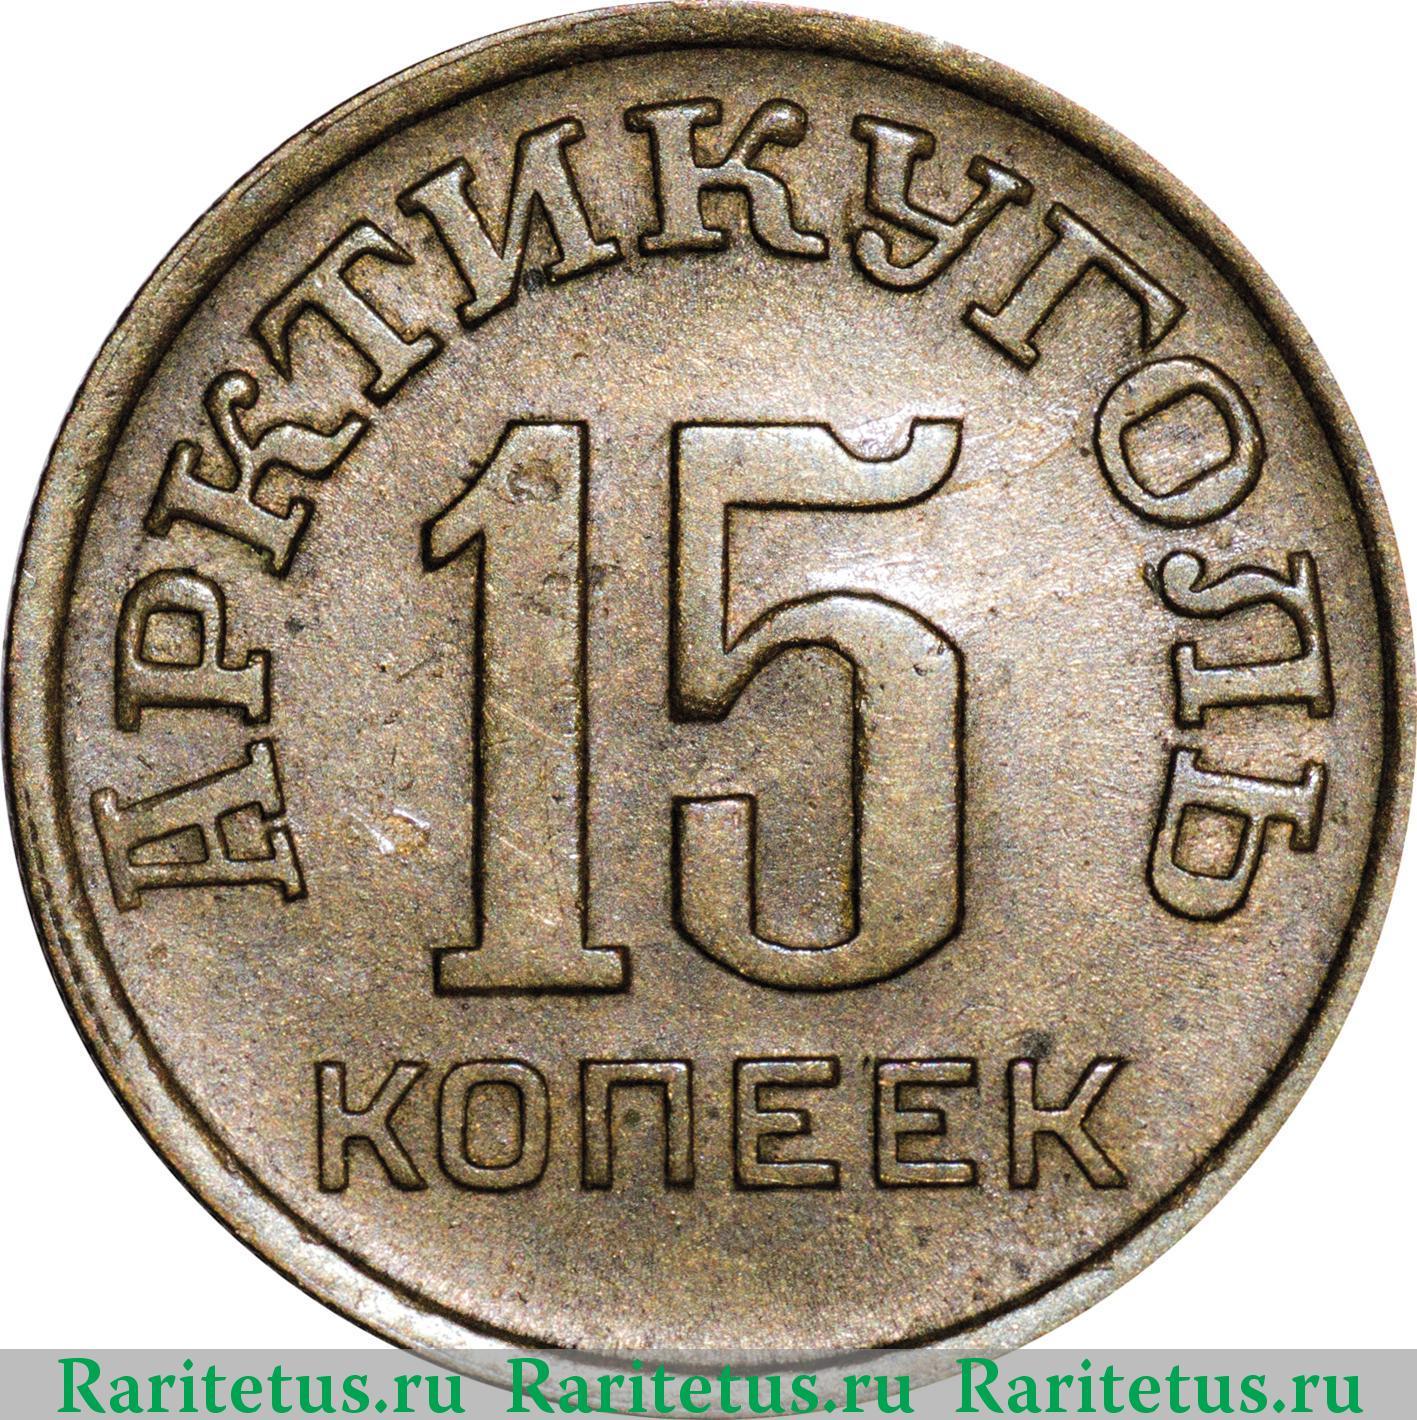 Цена монет арктикуголь рубли редкие монеты